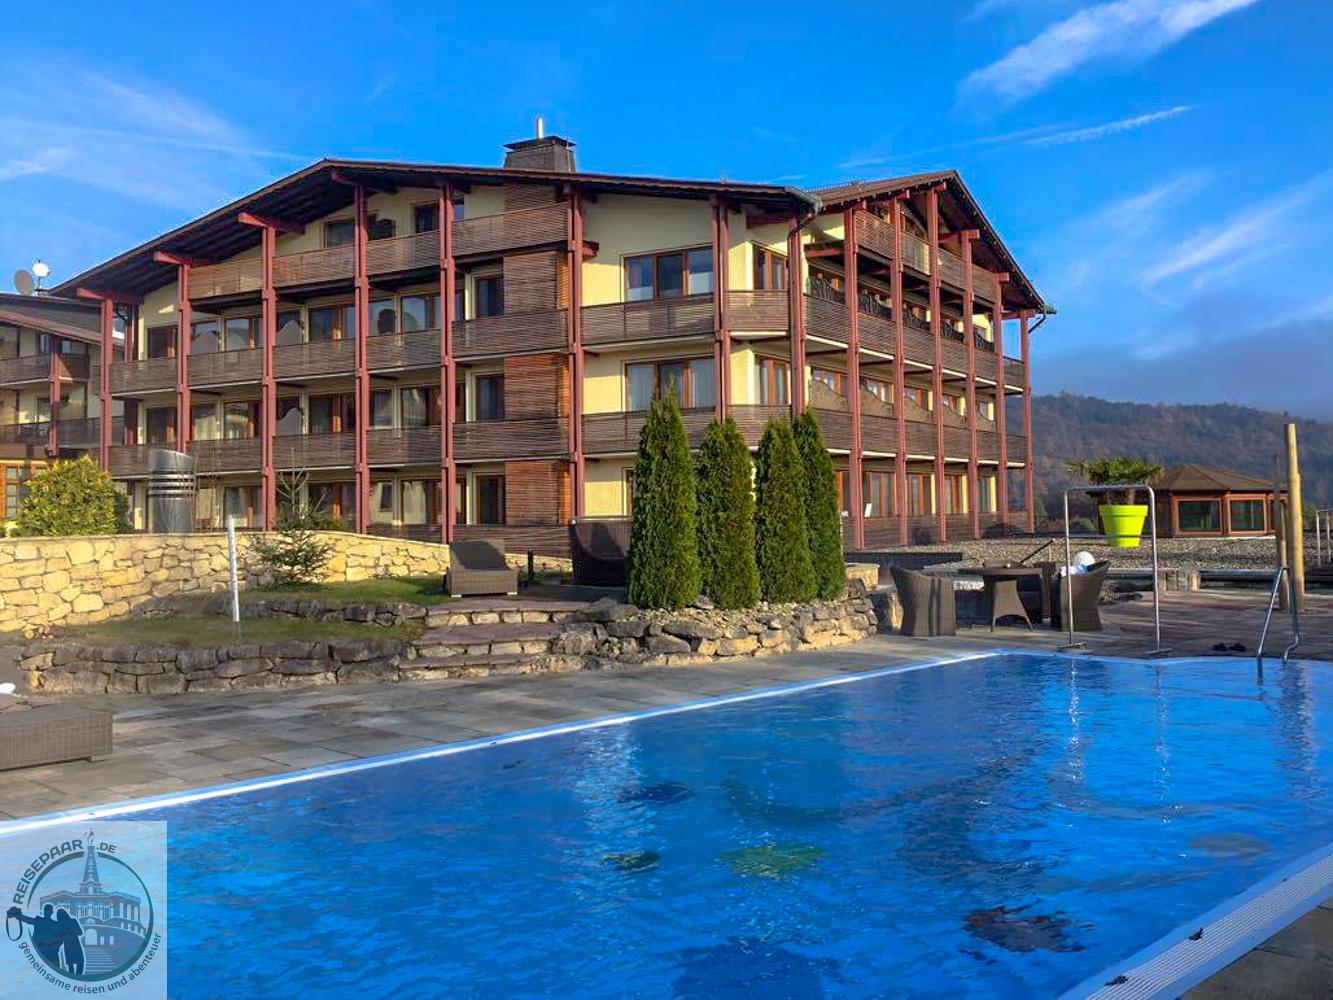 Freund Hotel